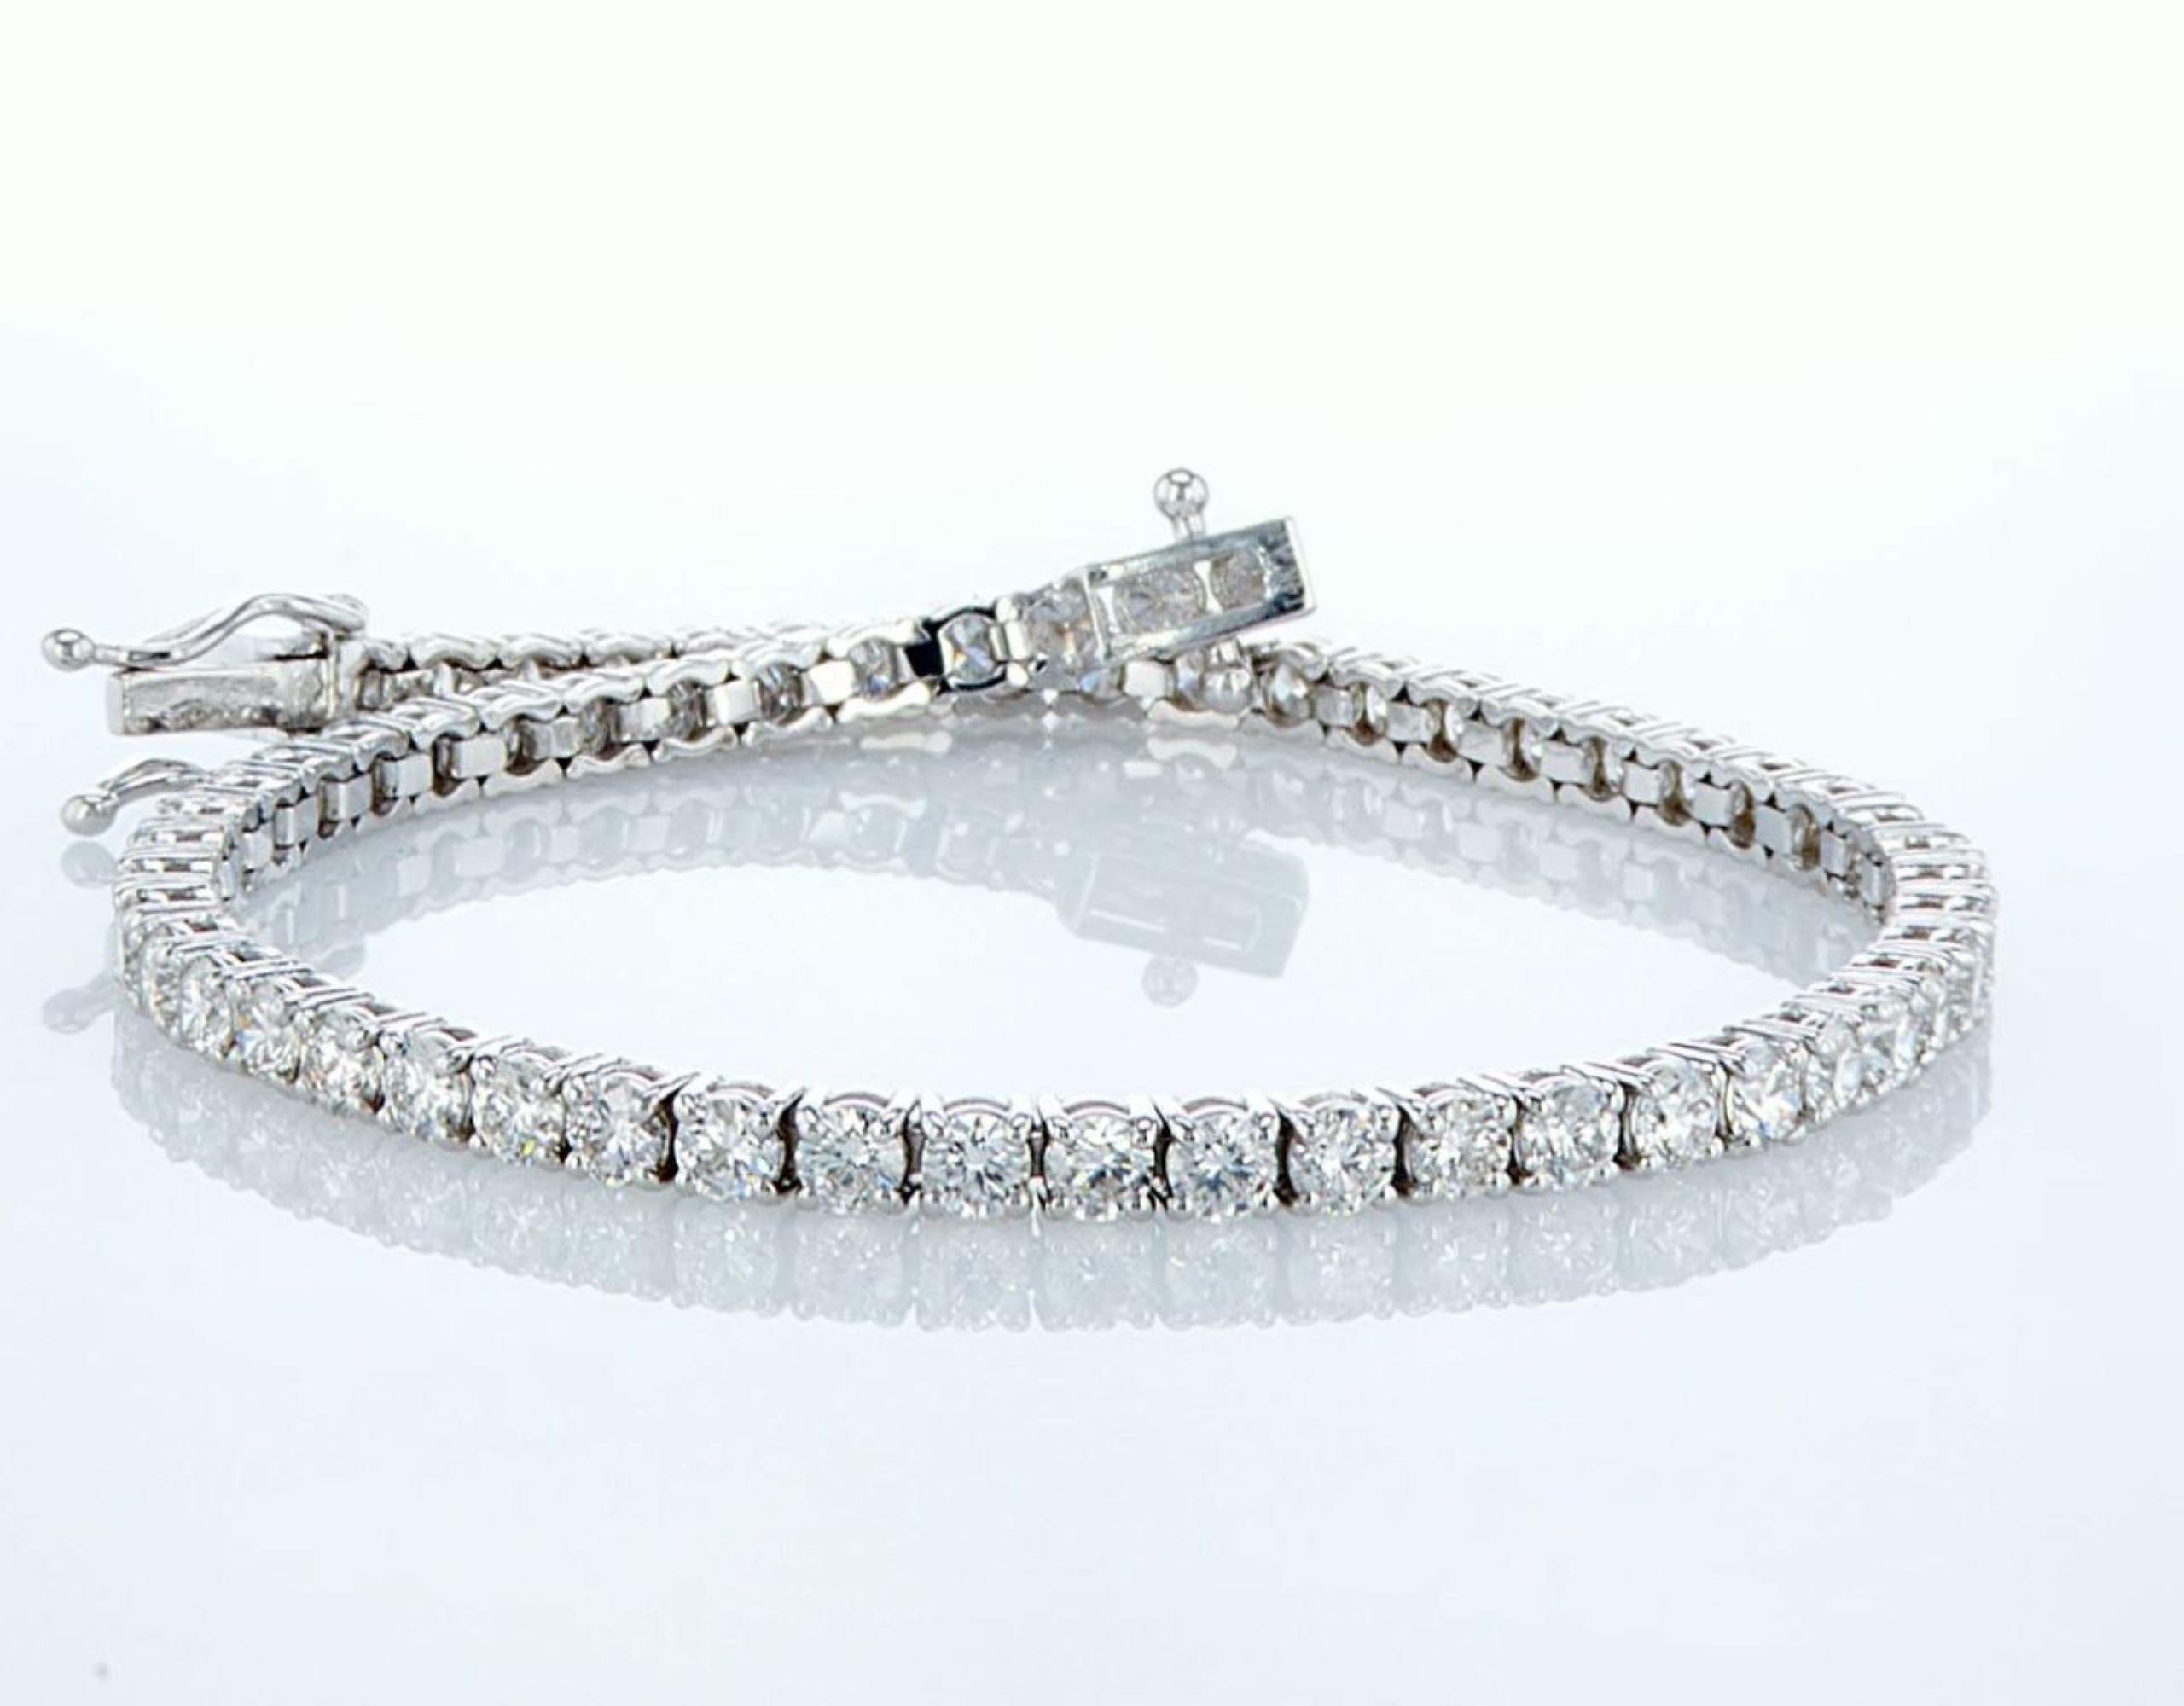 14 kt. White gold - Bracelet Diamond-4.08CTW - Image 2 of 4